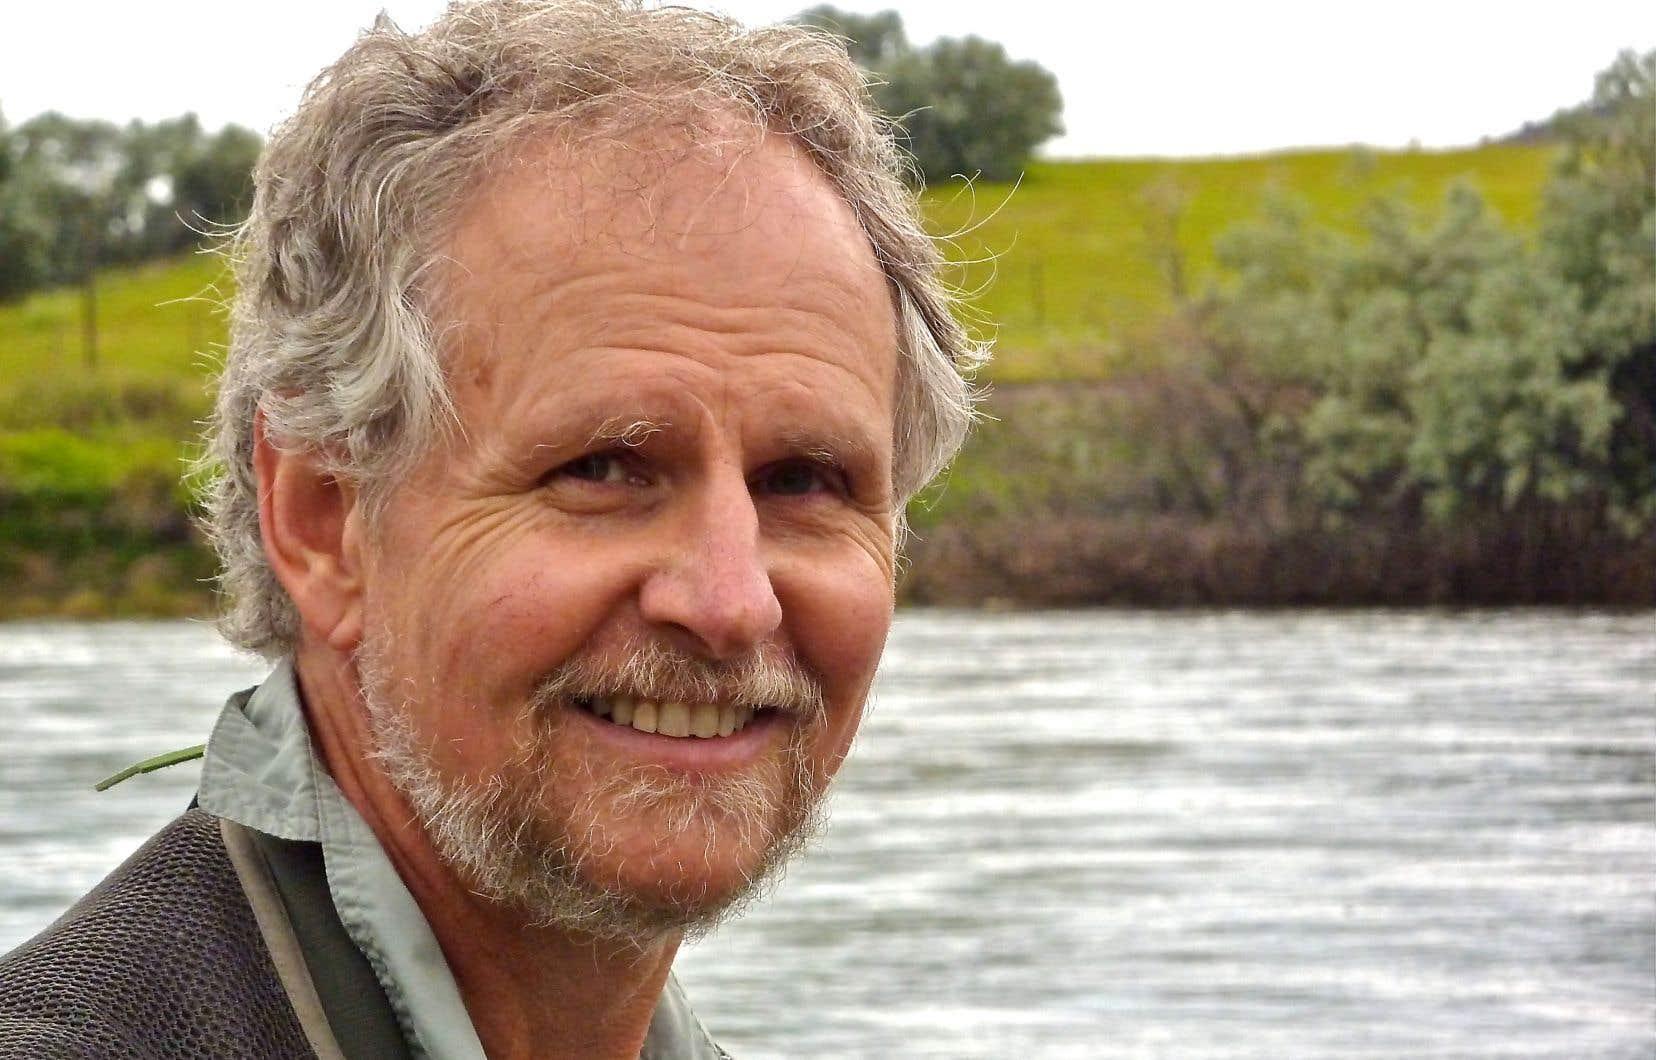 Keith McCafferty, à lire avec bonheur près d'un cours d'eau ou d'une piscine